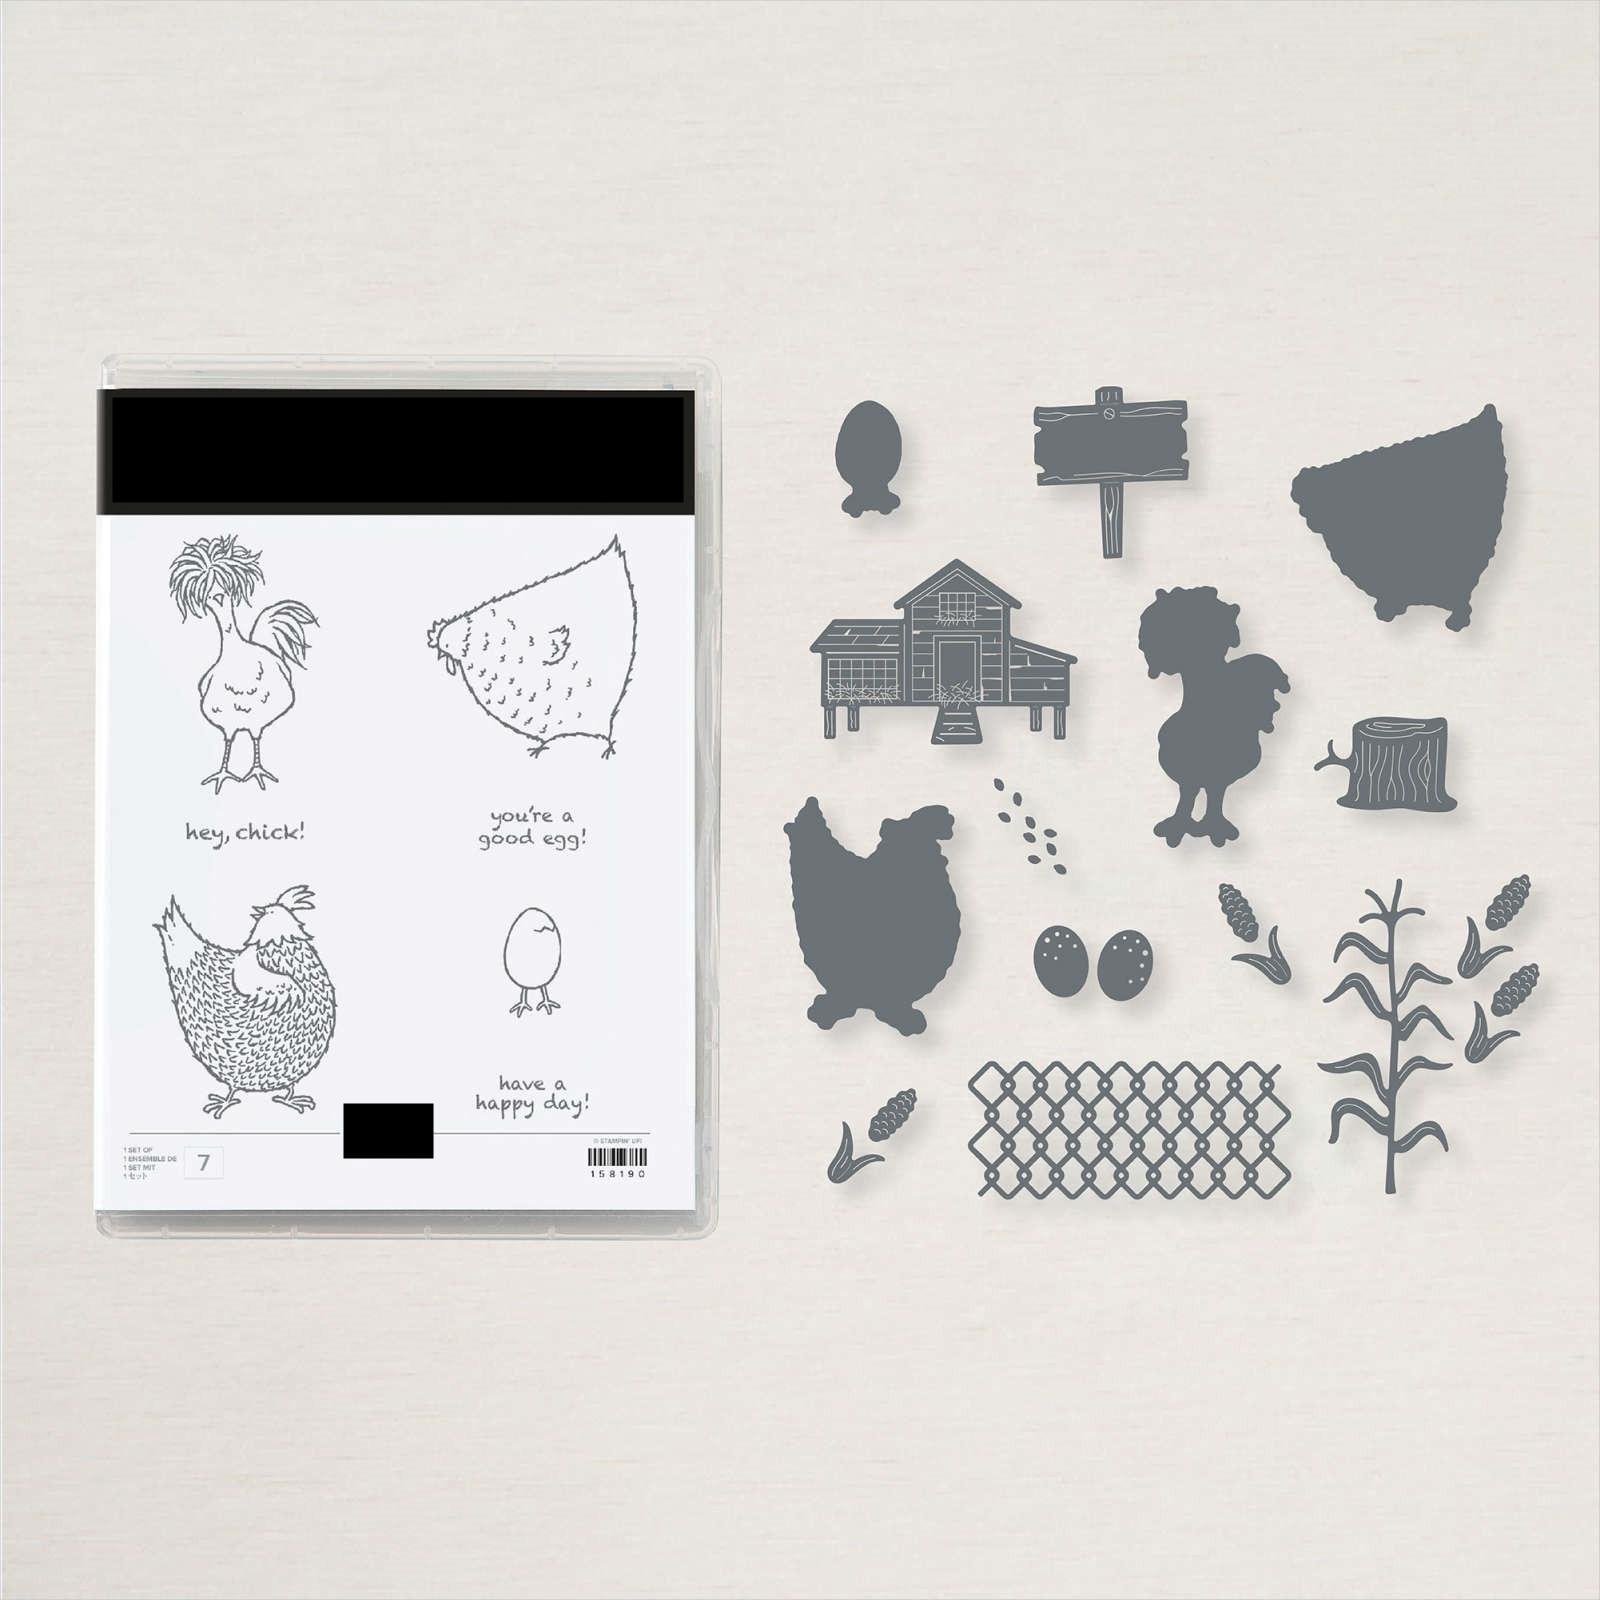 Куриное яйцо набор вырубных штампов и печатей Трафареты набор «сделай сам» для штамп для скрапбукинга/фотоальбом декоративное тиснение